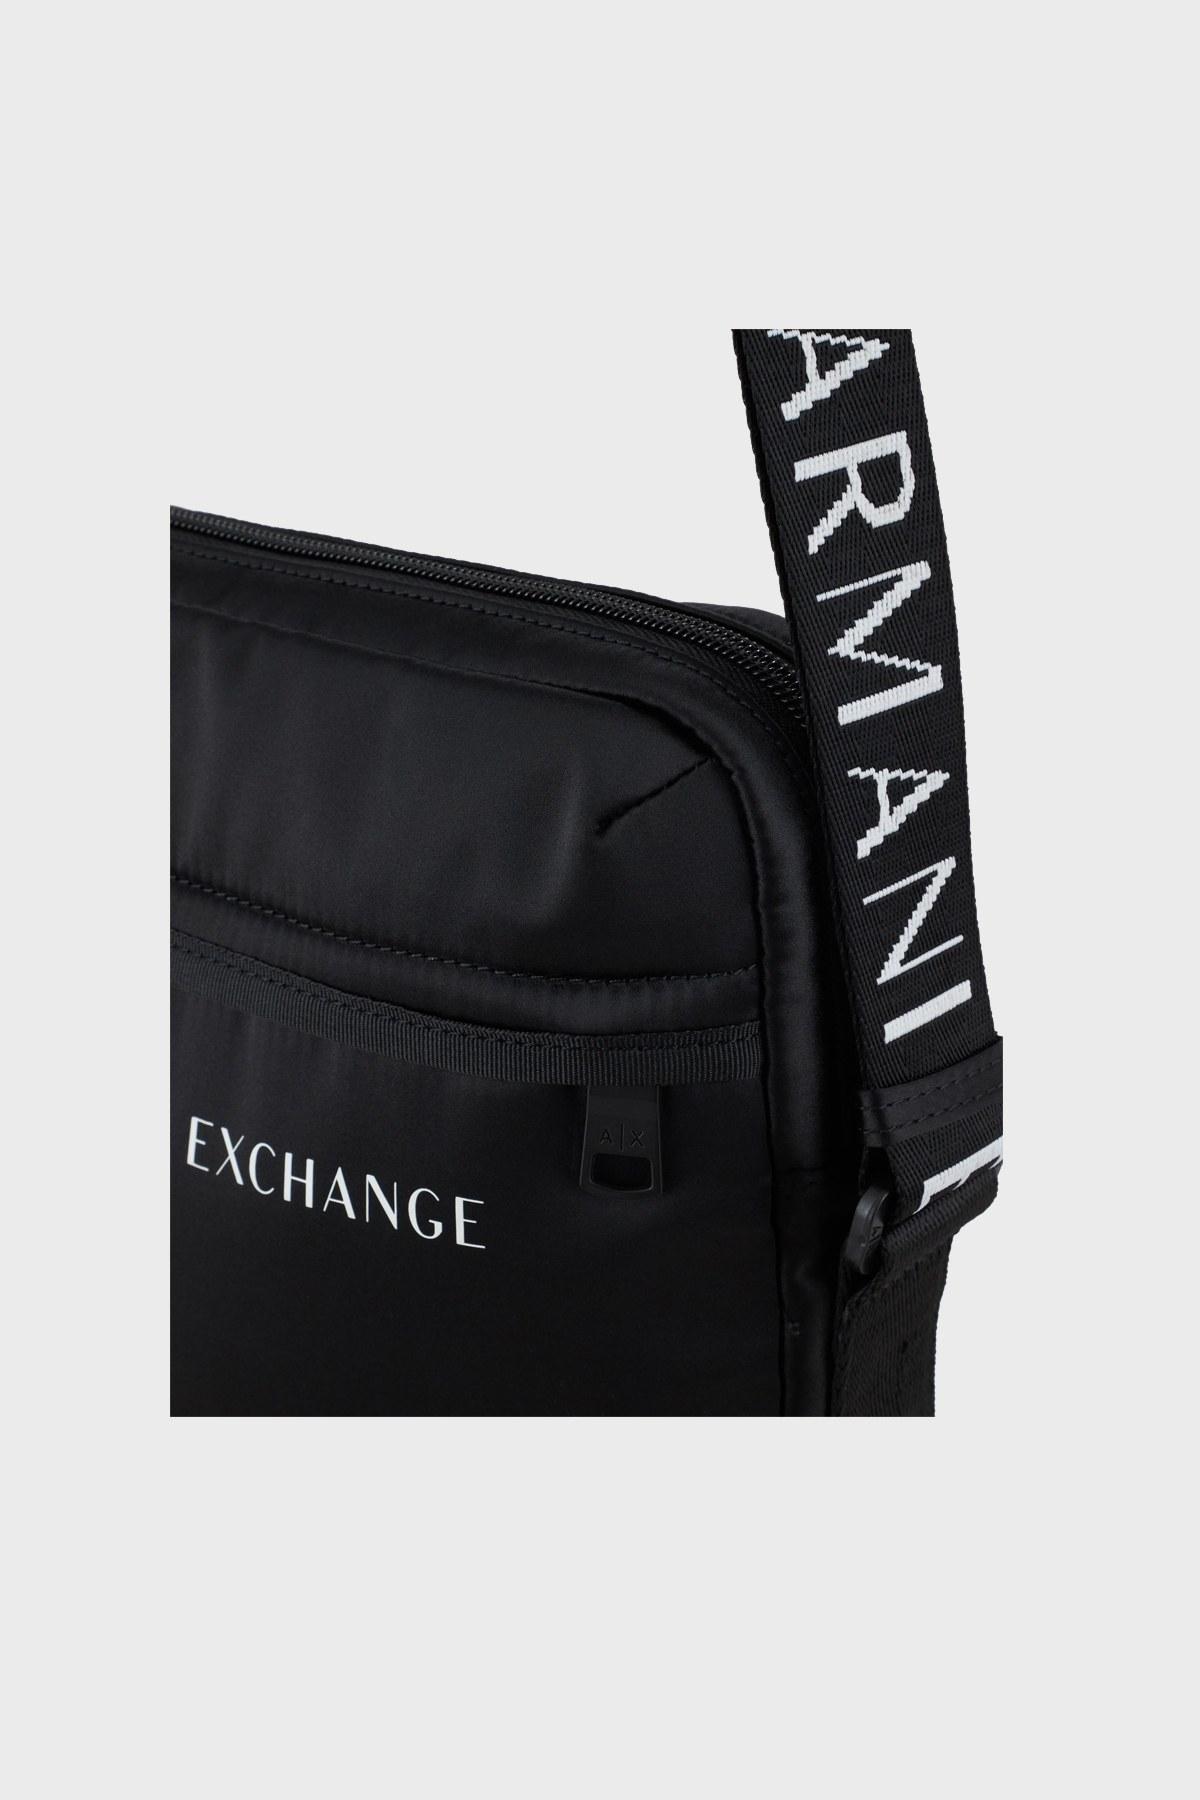 Armani Exchange Ayarlanabilir Çapraz Askılı Erkek Çanta 952329 1A809 00020 SİYAH